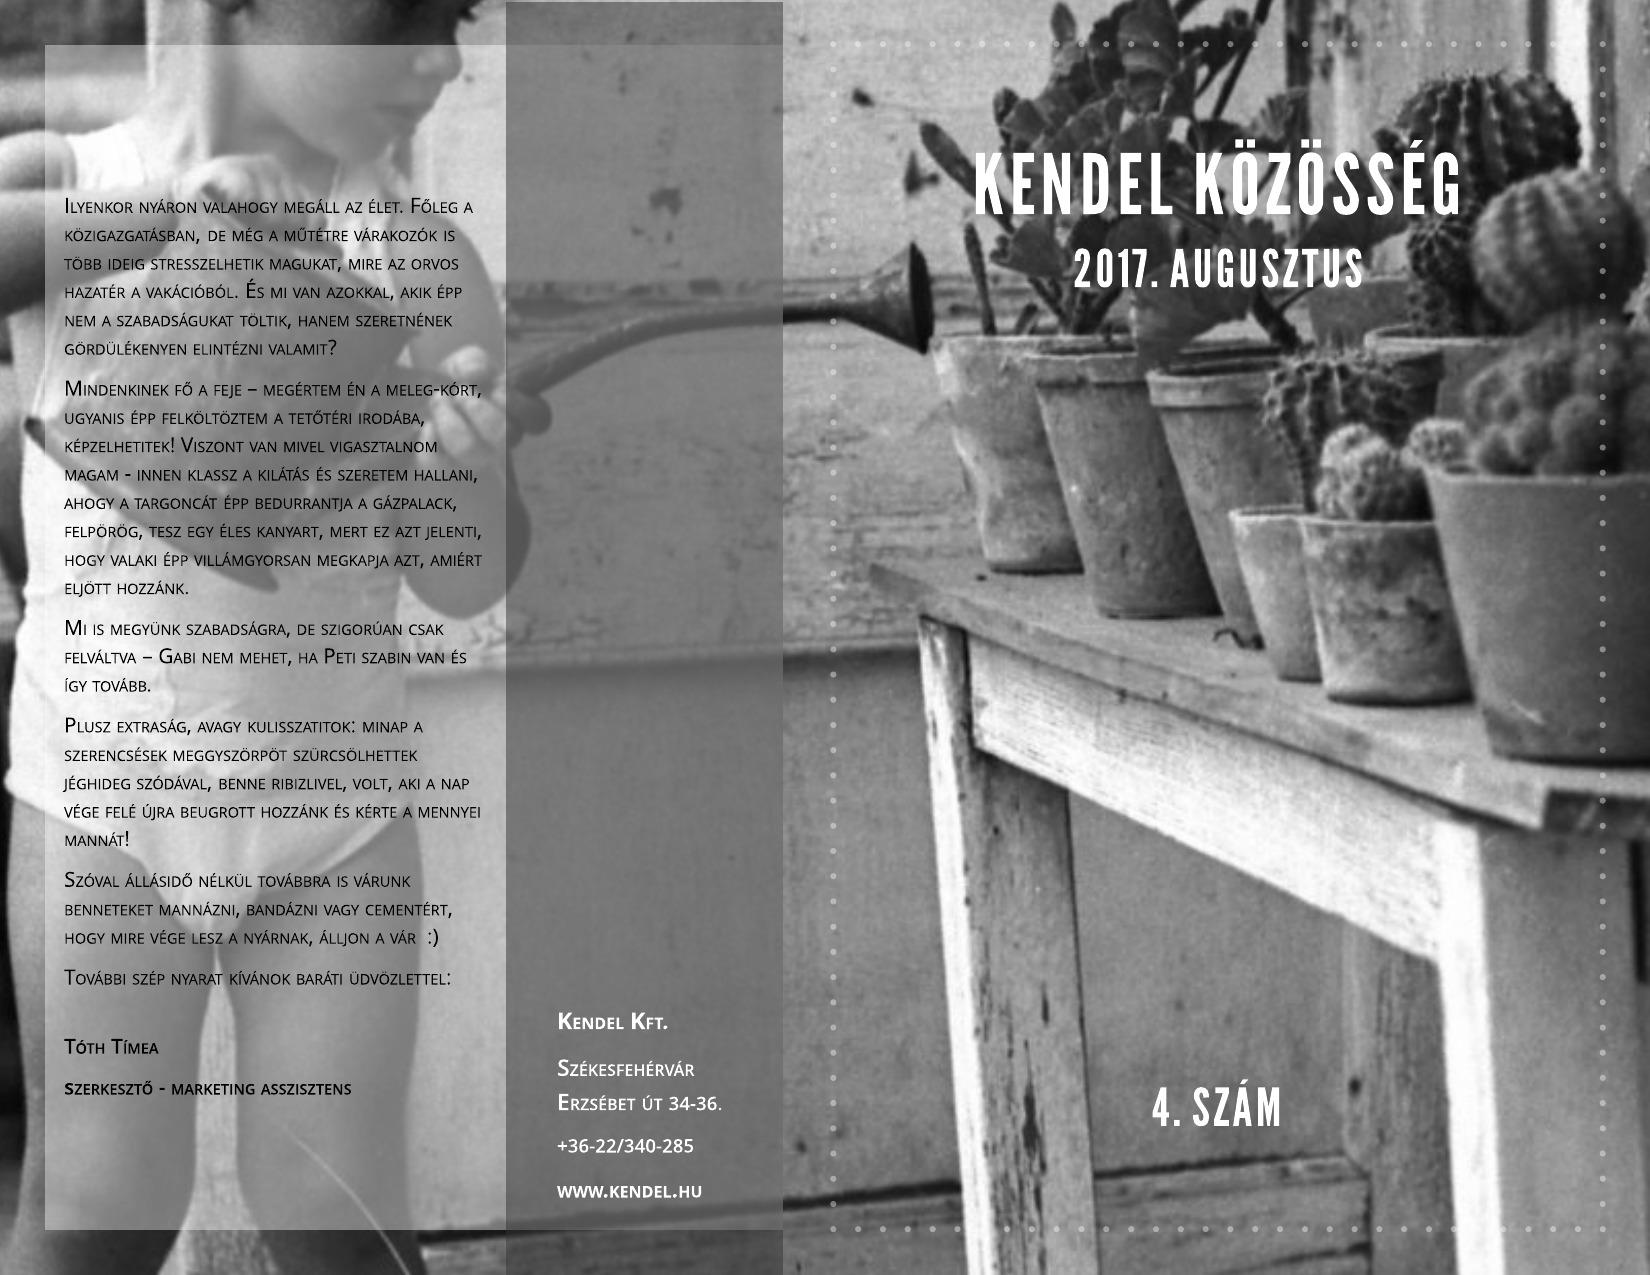 KendelKozosseg - Untitled Page (26)